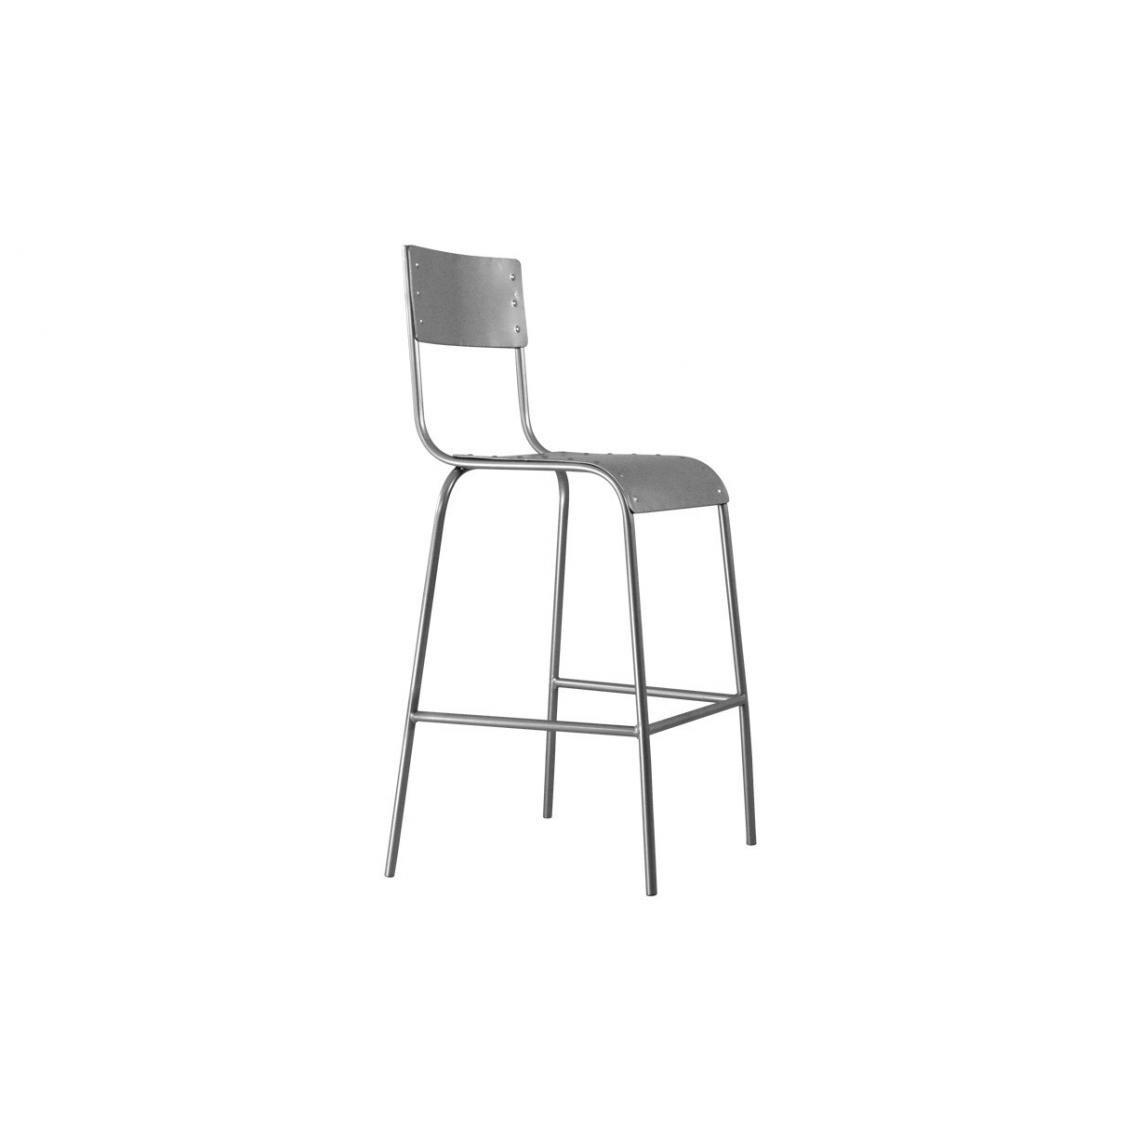 Métal Suisses Chaise En Haute Steely3 nPk8O0wX